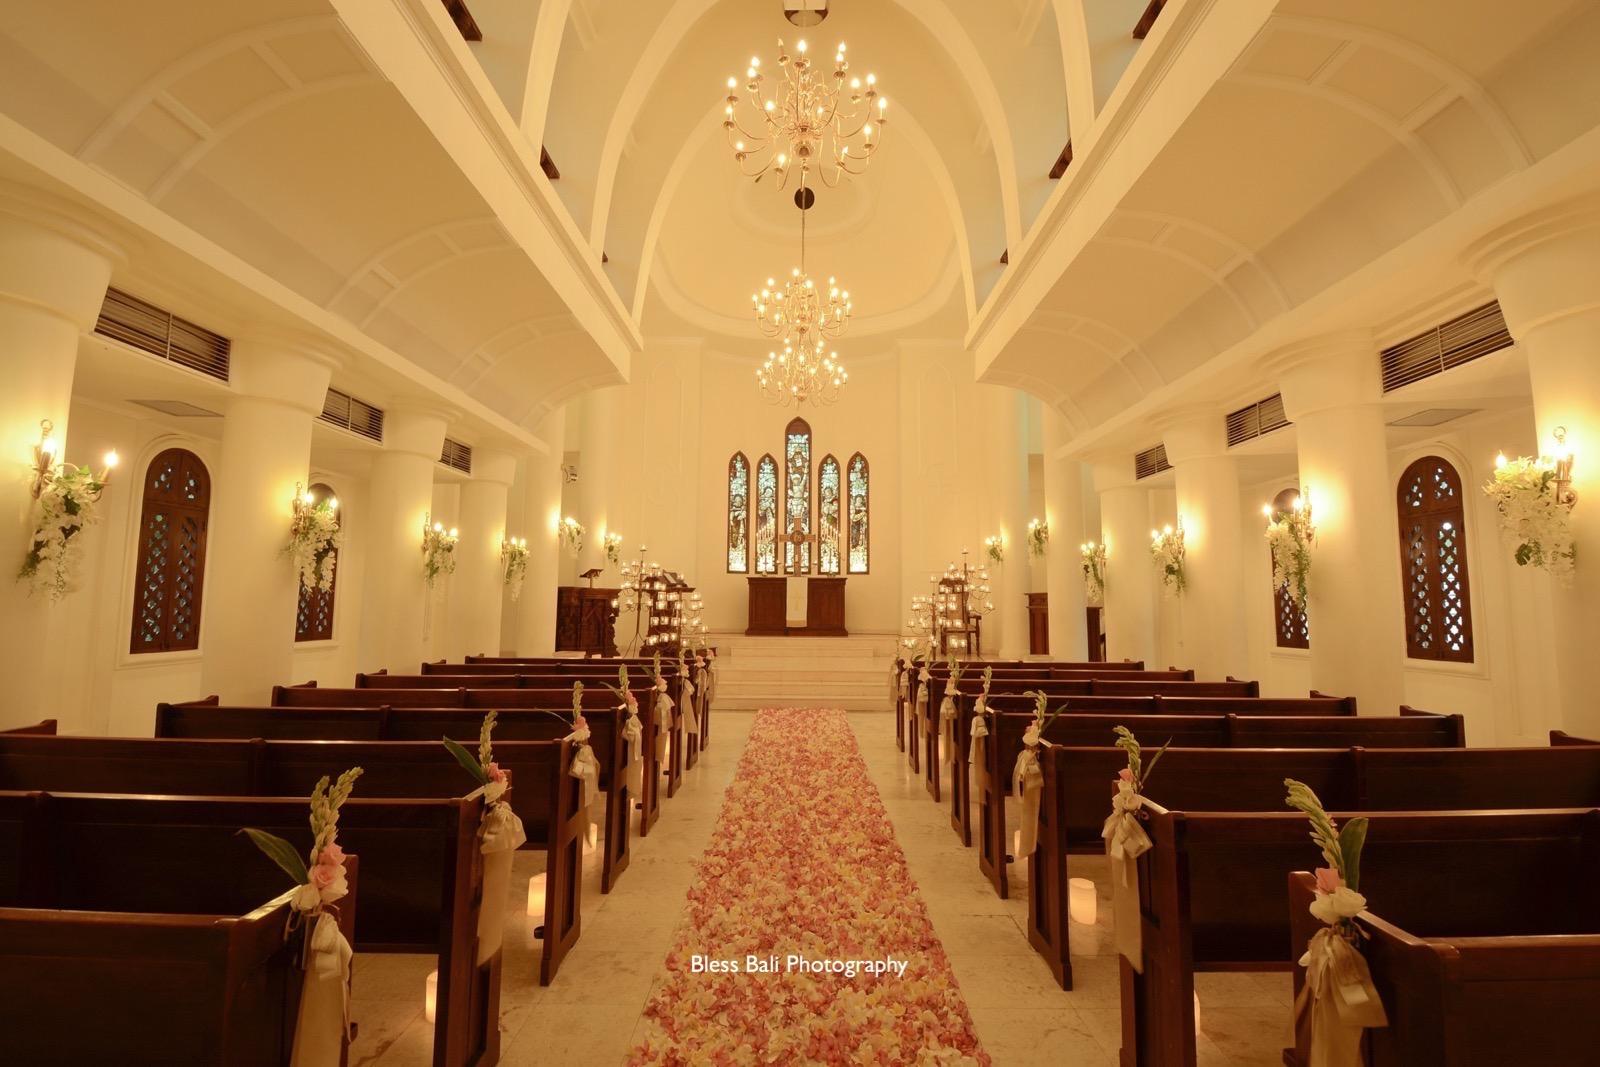 サント・ミカエル教会のフラワーロード